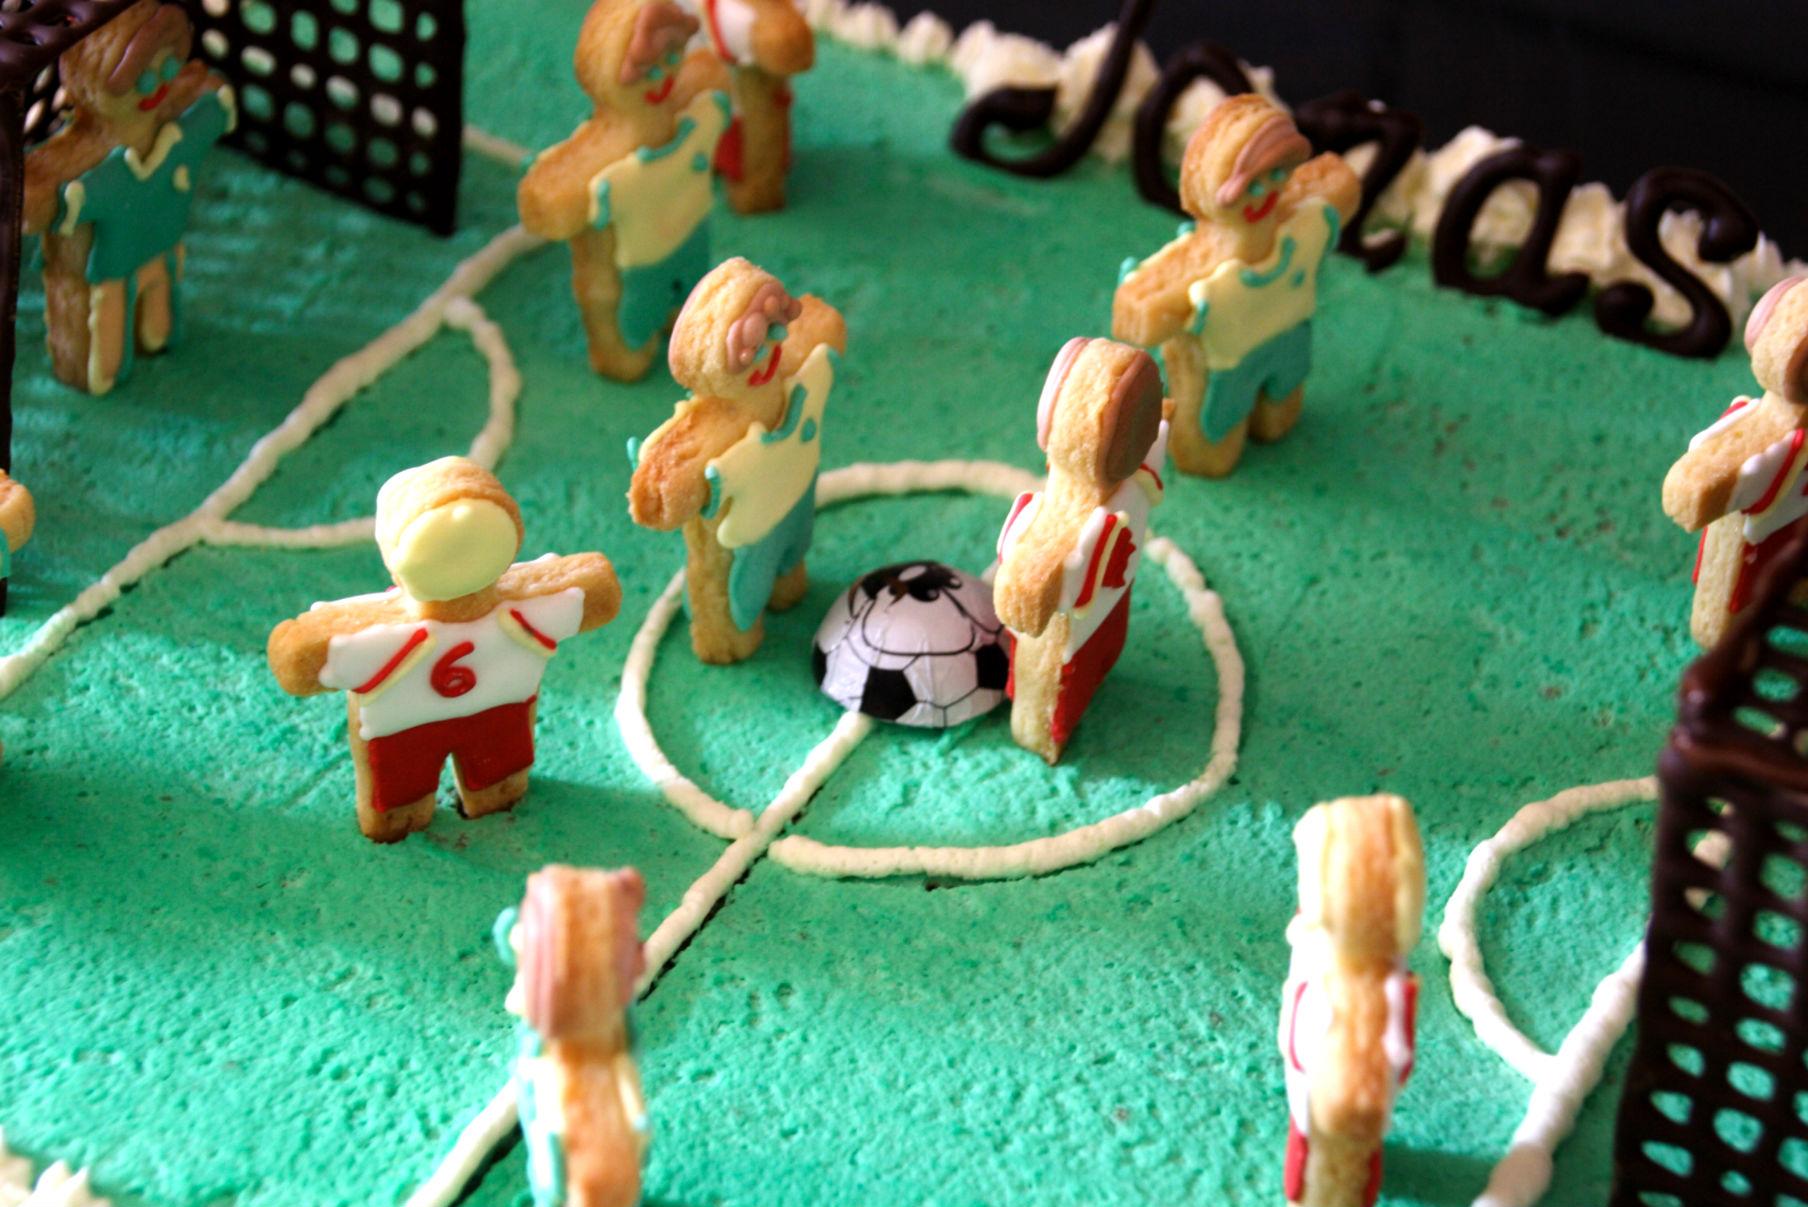 Torta giocatori in campo 8